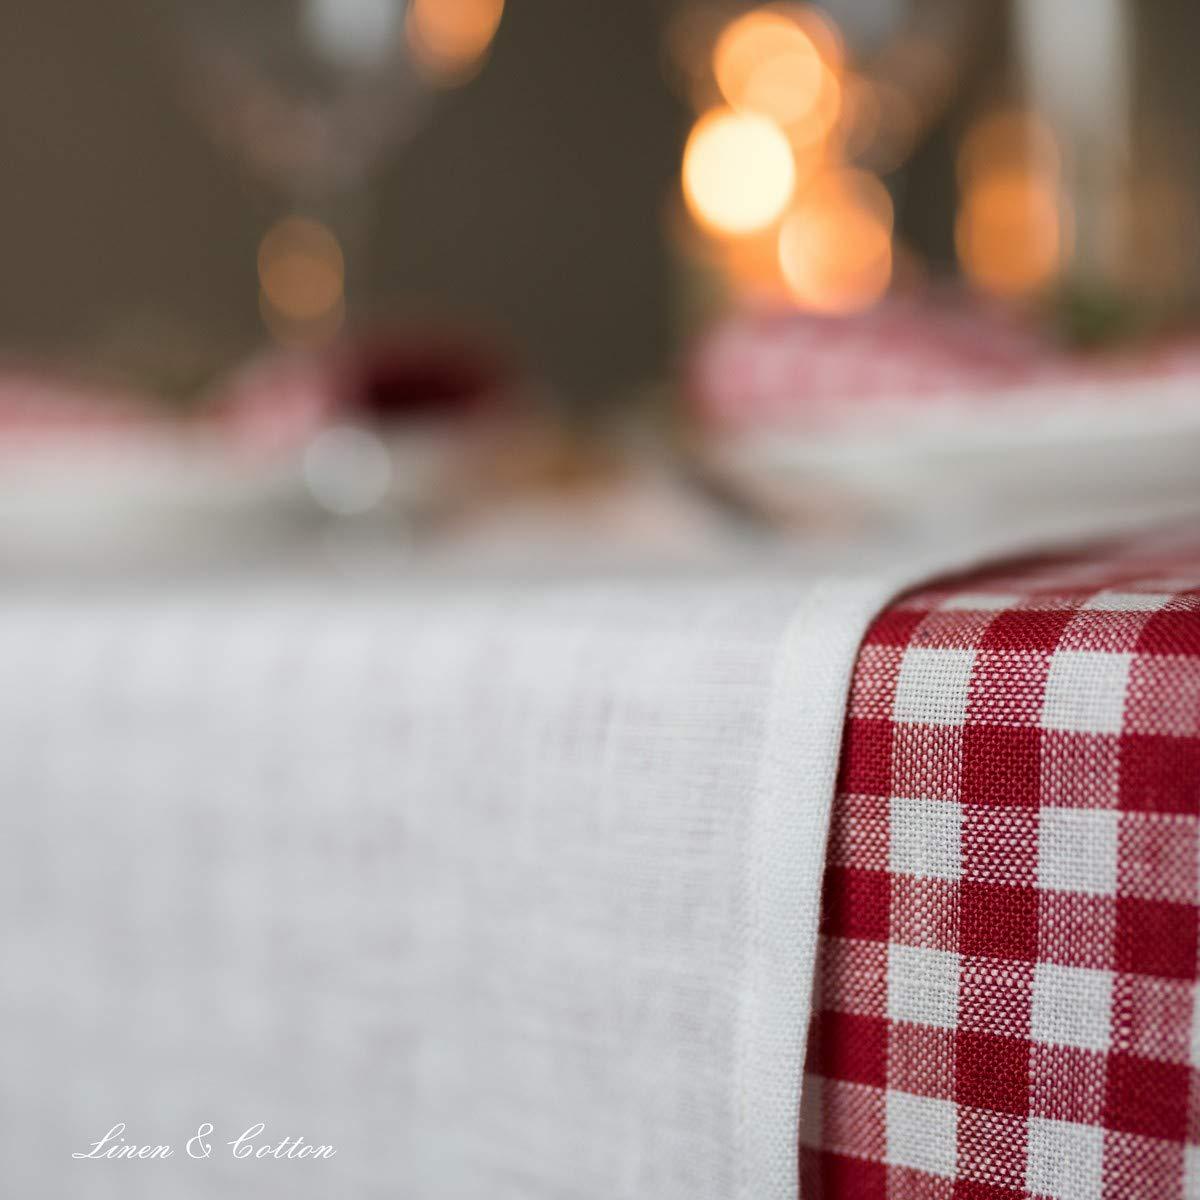 100/% Lino Guida da Tavolo Lungo Largo Natalizio in Tessuto per la Casa Cucina Sala da Pranzo Cene di Famiglia Feste Beige Marrone 40 x 300 cm Linen /& Cotton Runner Tavola Stoffa Colorati Hygge